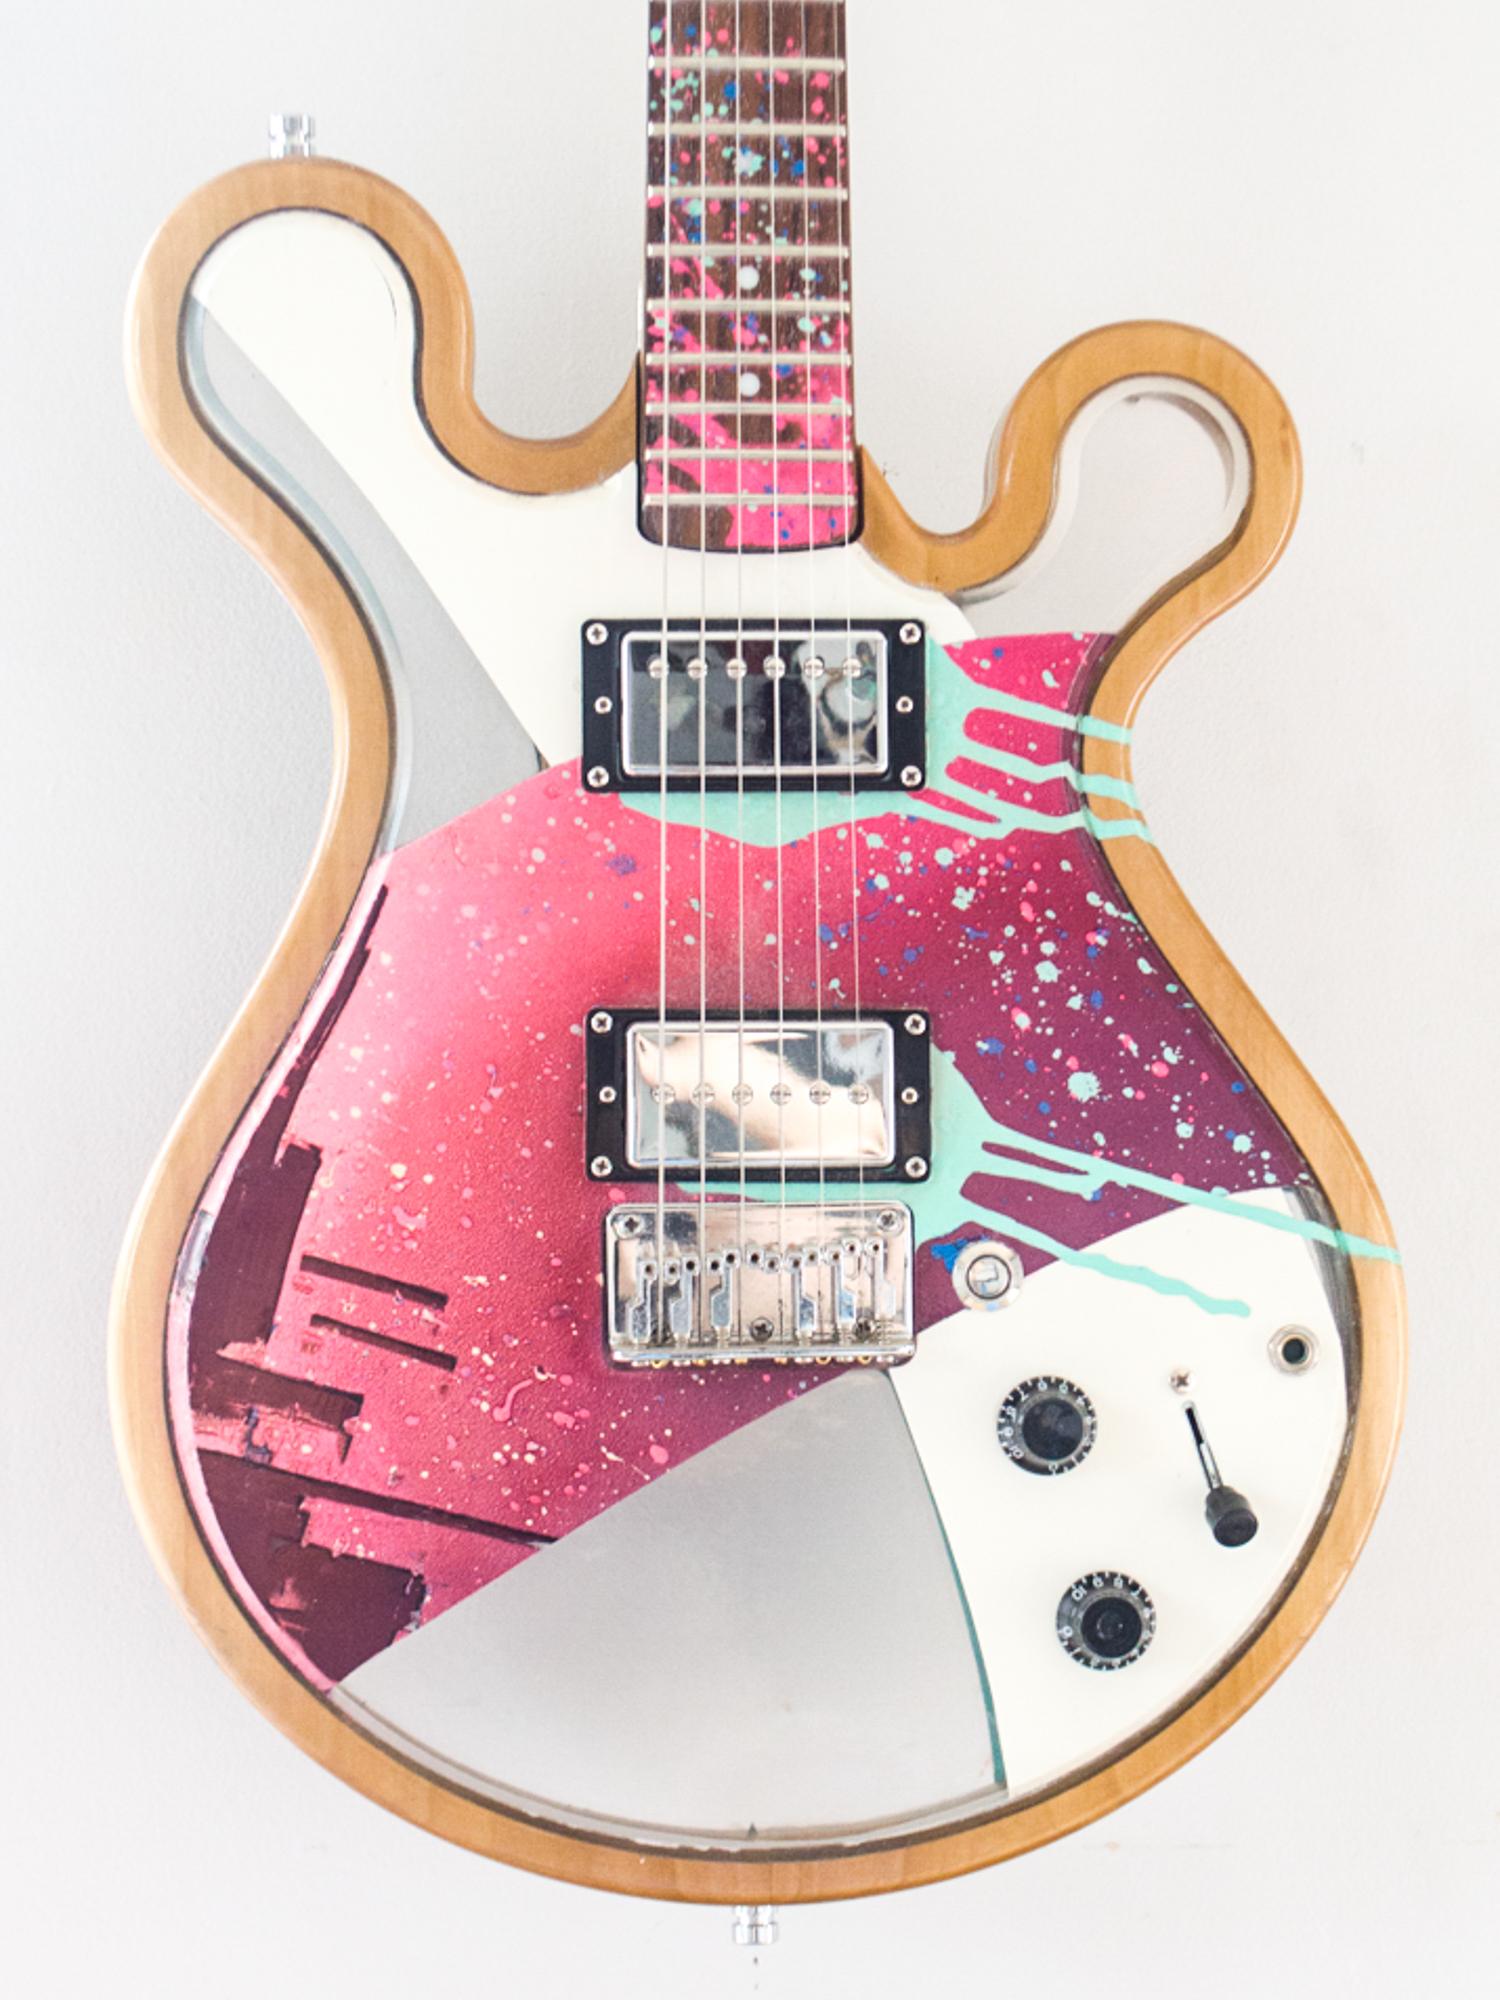 Aurora_Gallo_Guitar_LED_Art-1.jpg